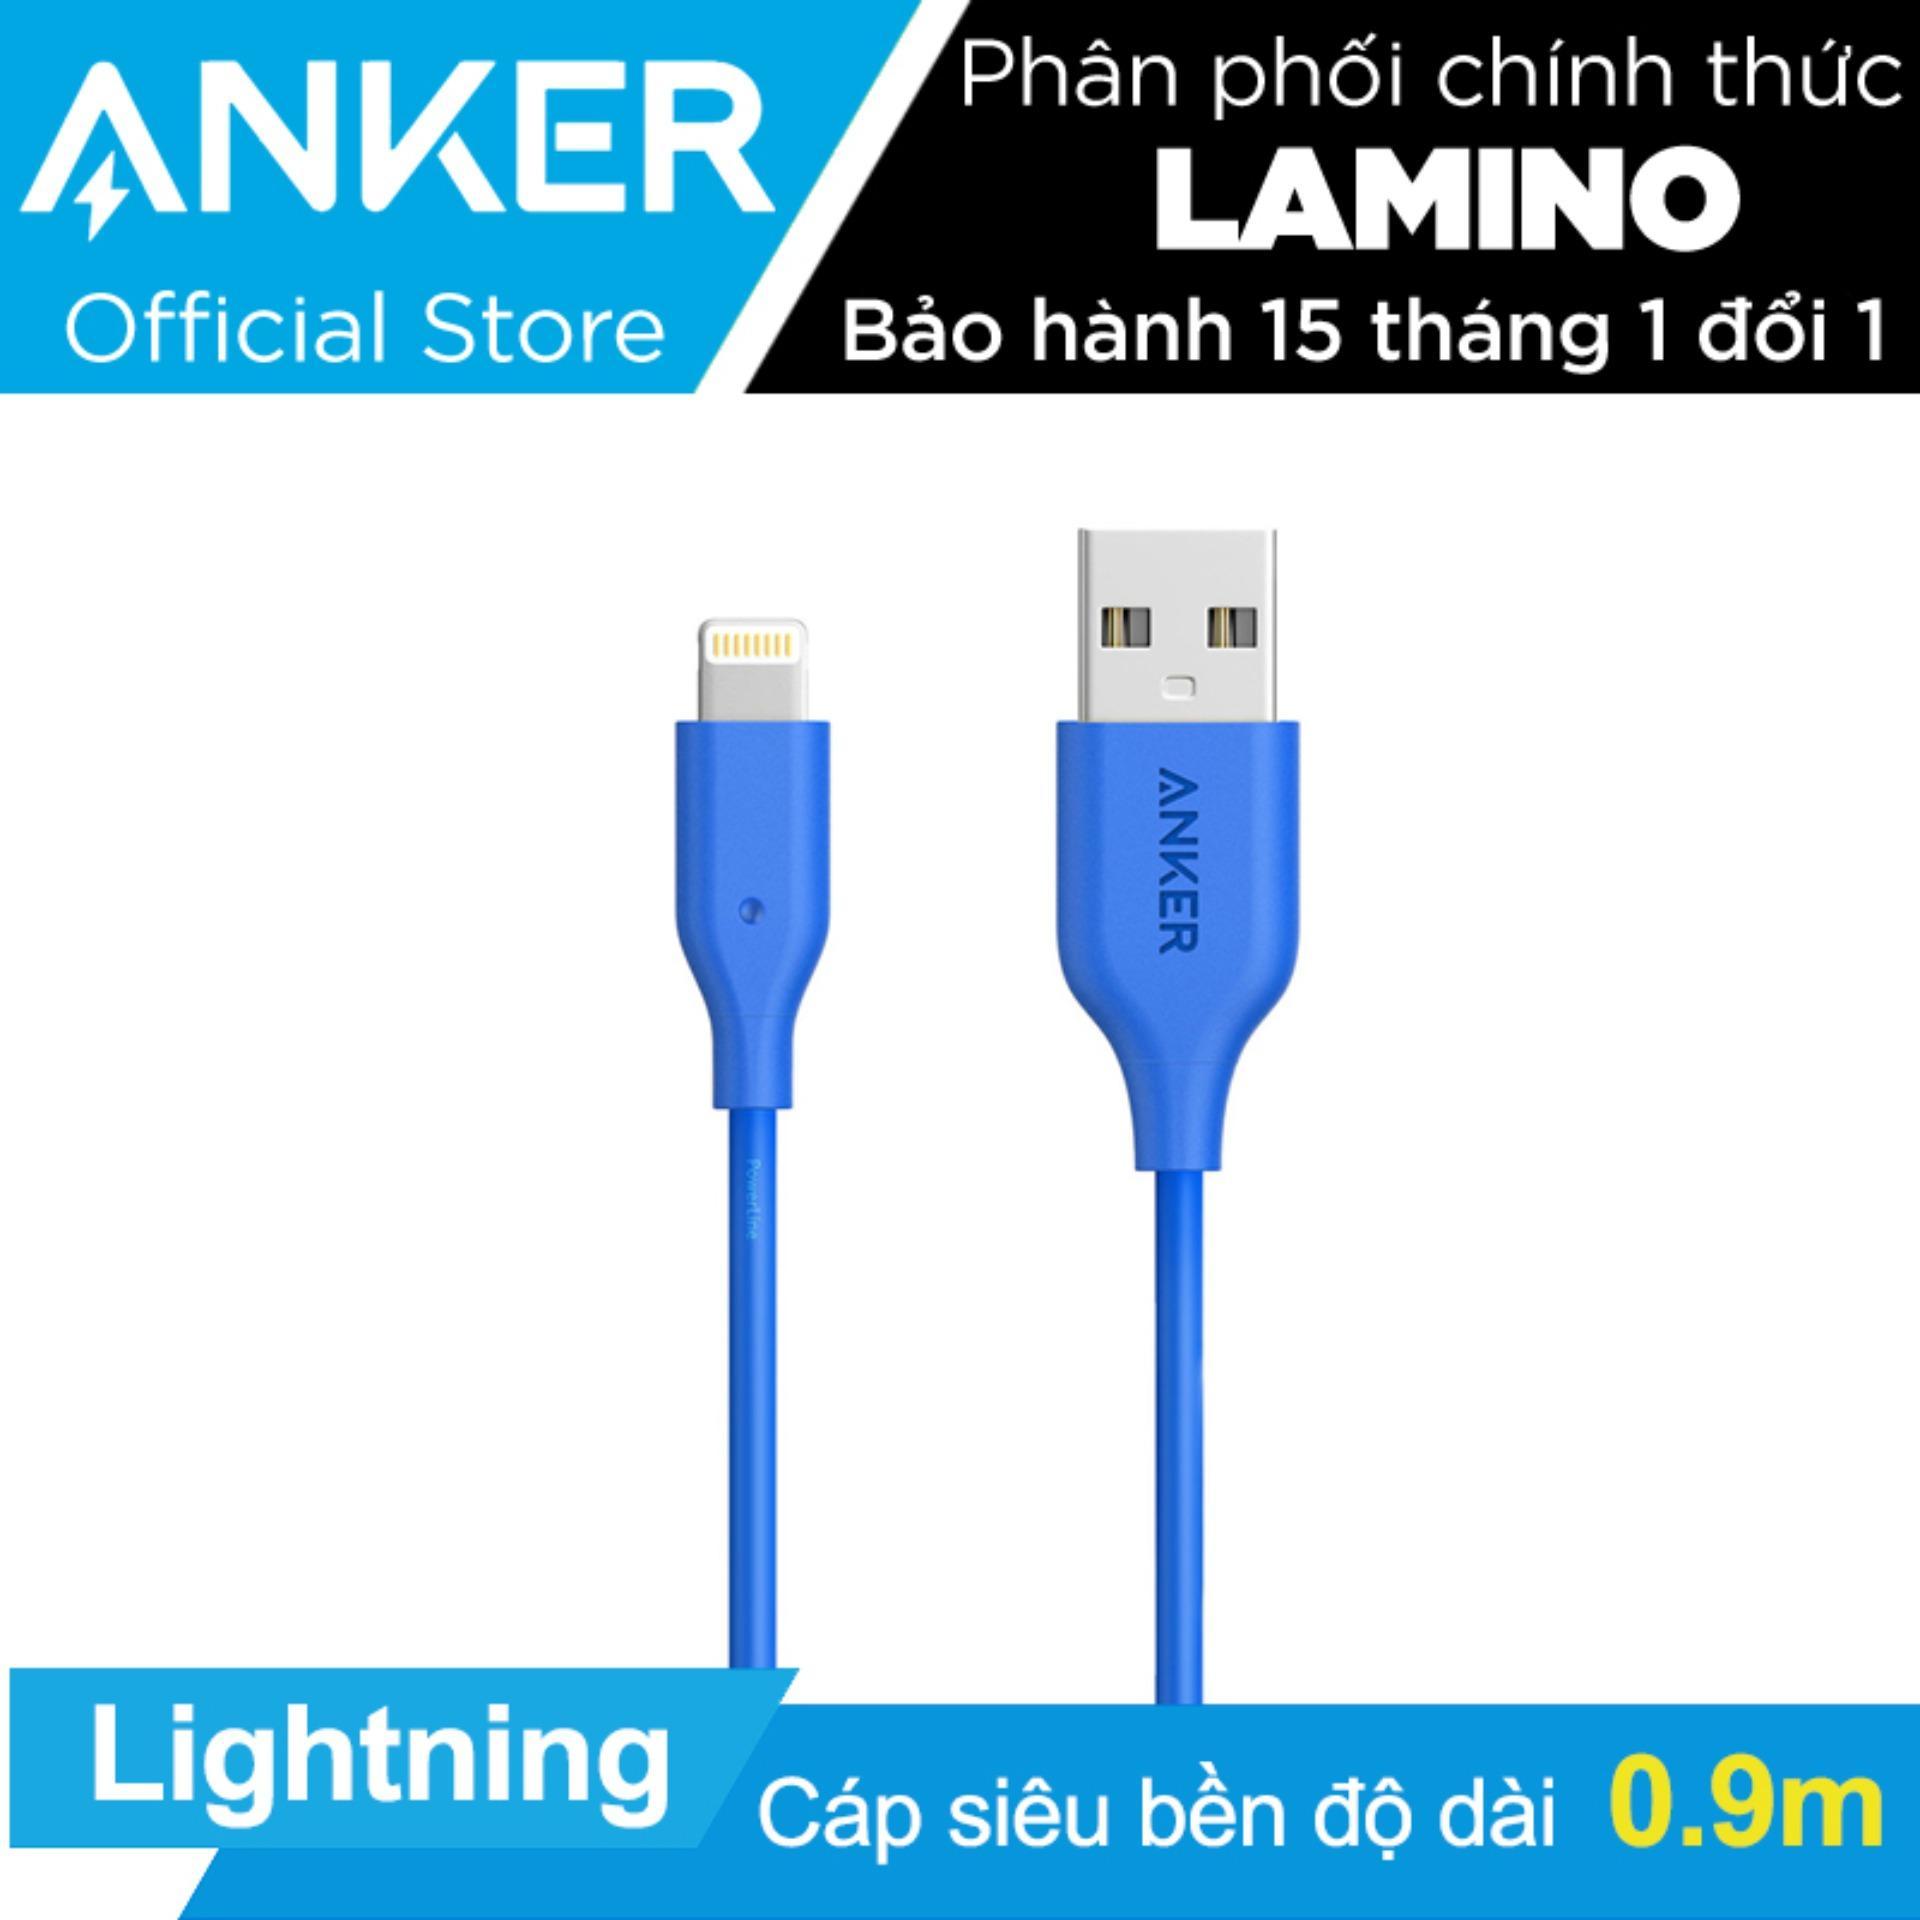 Mã Khuyến Mại Cap Sạc Sieu Bền Anker Powerline Lightning 9M Cho Iphone Ipad Ipod Xanh Dương Hang Phan Phối Chinh Thức Trong Hồ Chí Minh